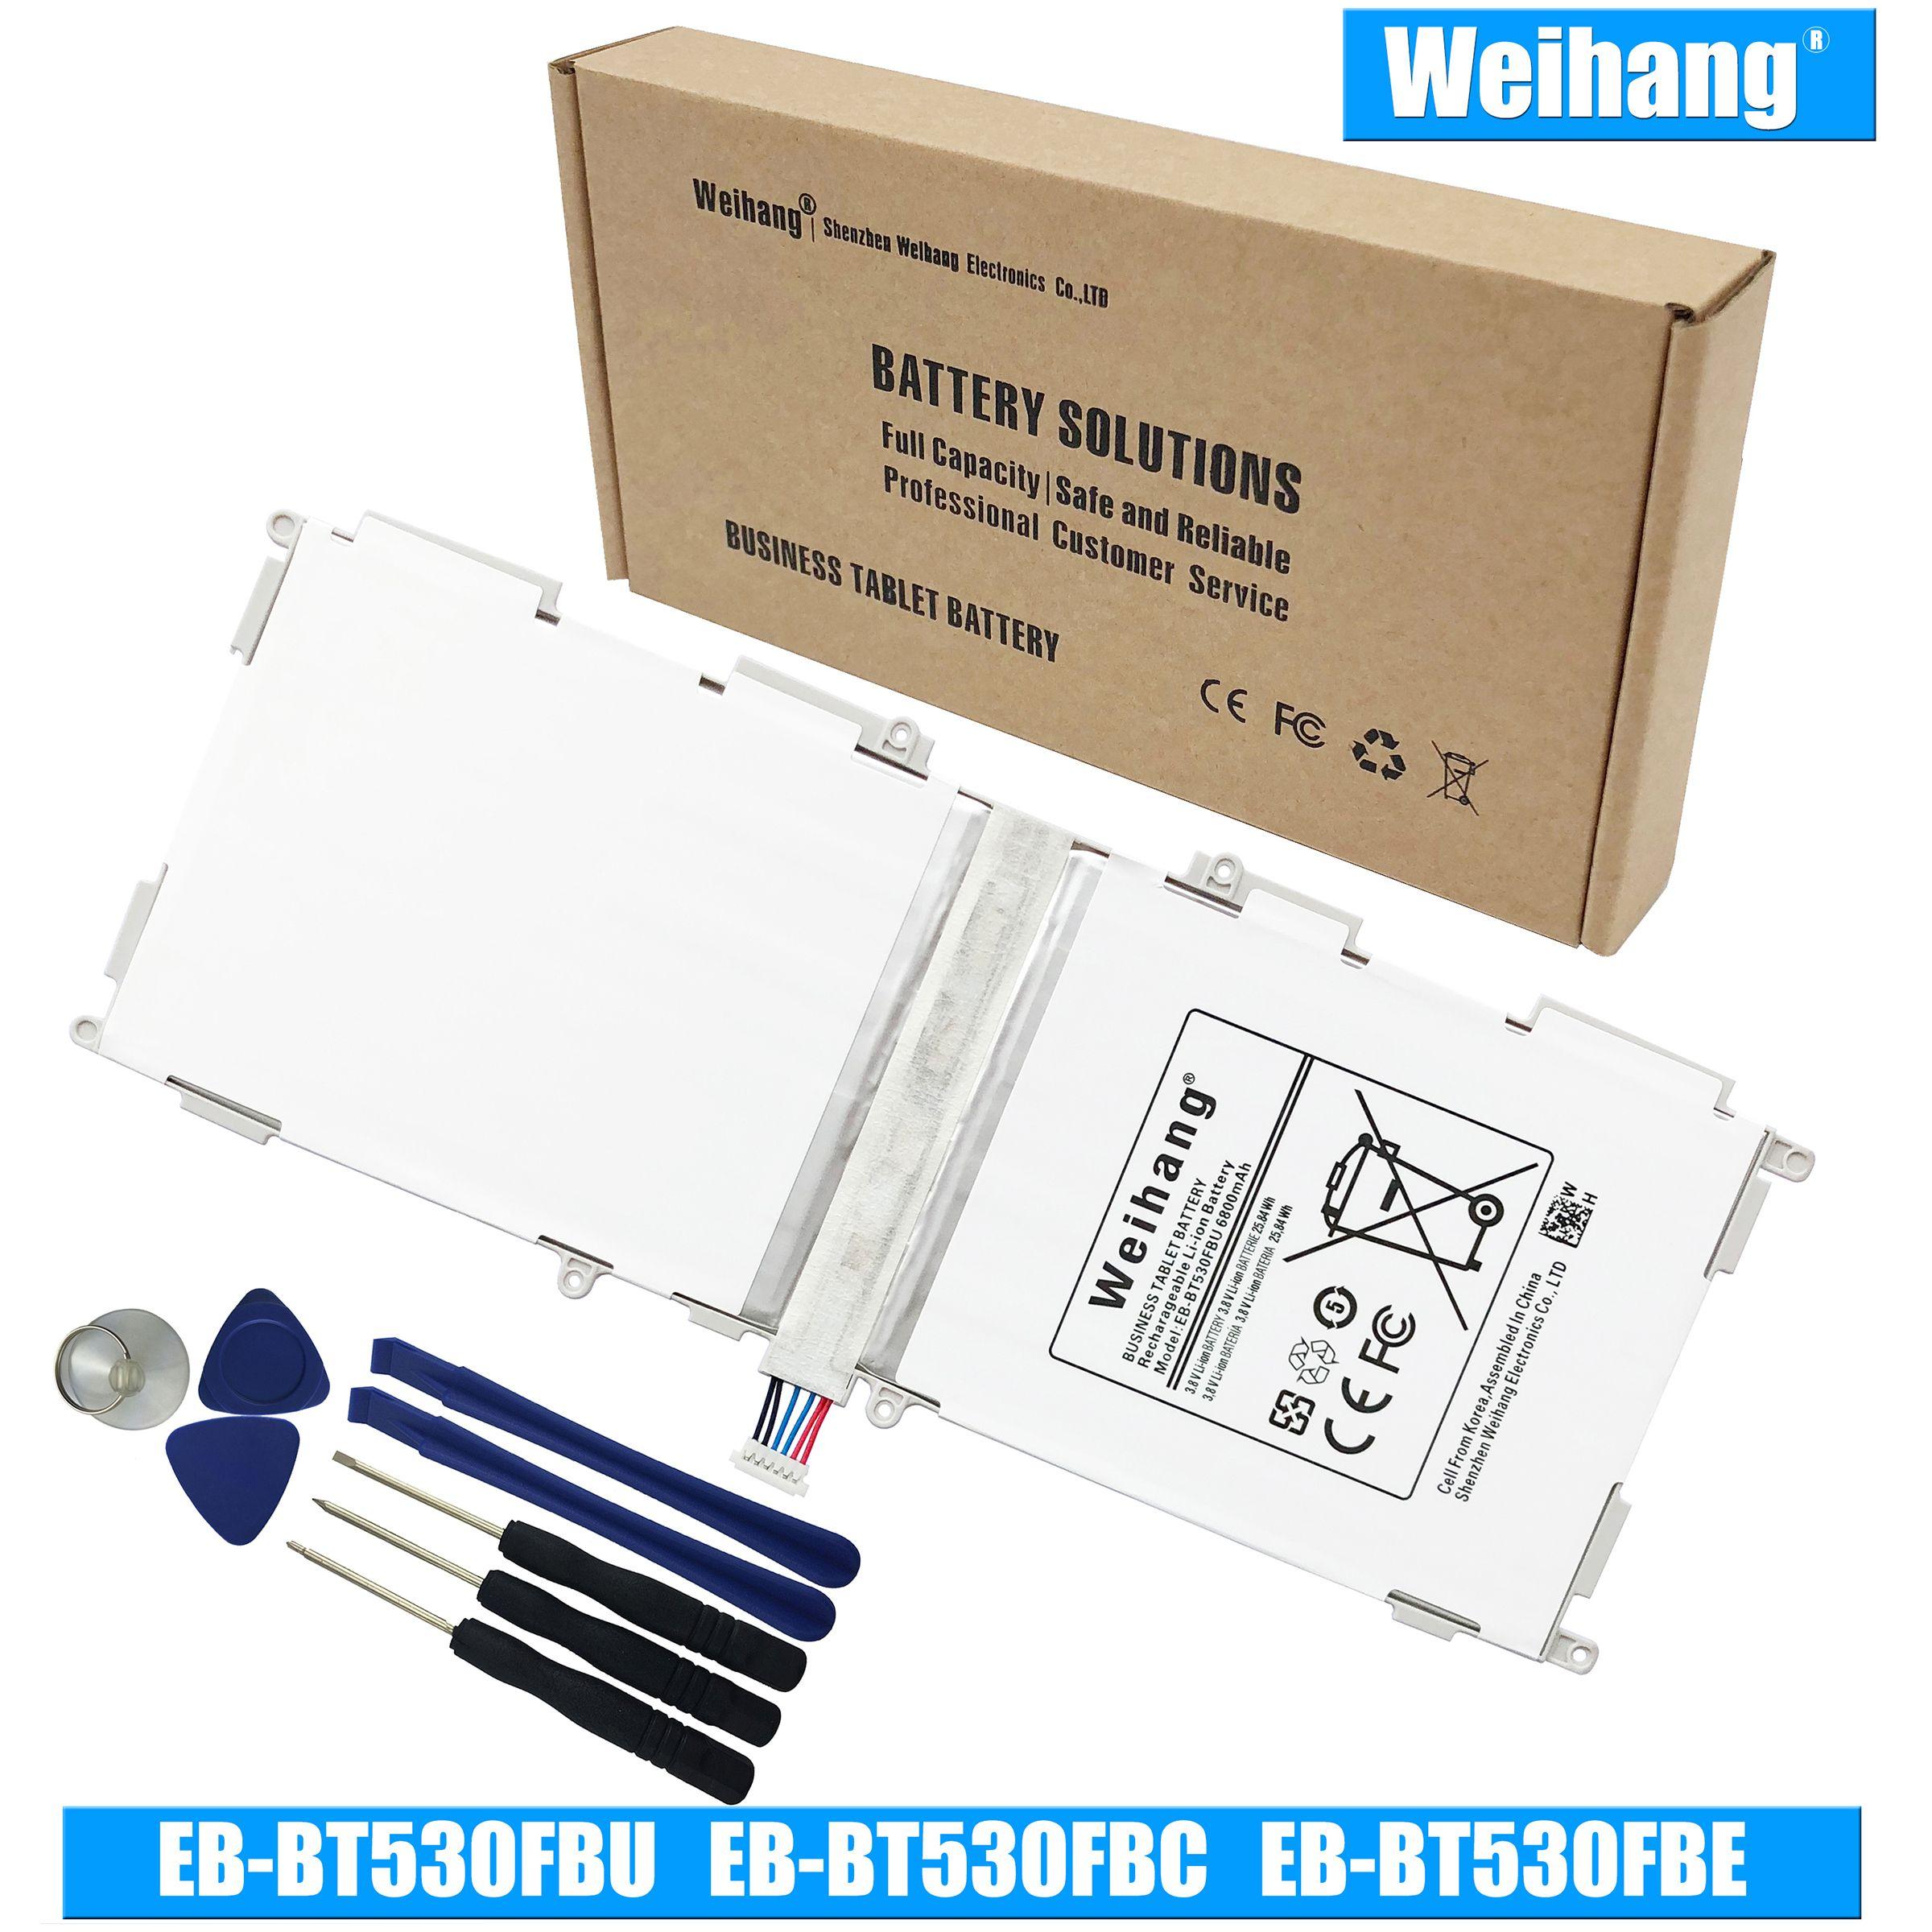 """Nouvelle batterie EB-BT530FBU EB-BT530FBC EB-BT530FBE pour Samsung Galaxy Tab 4 10.1 """"SM-T530 SM-T531 T530NU SM-T535 SM-T537"""